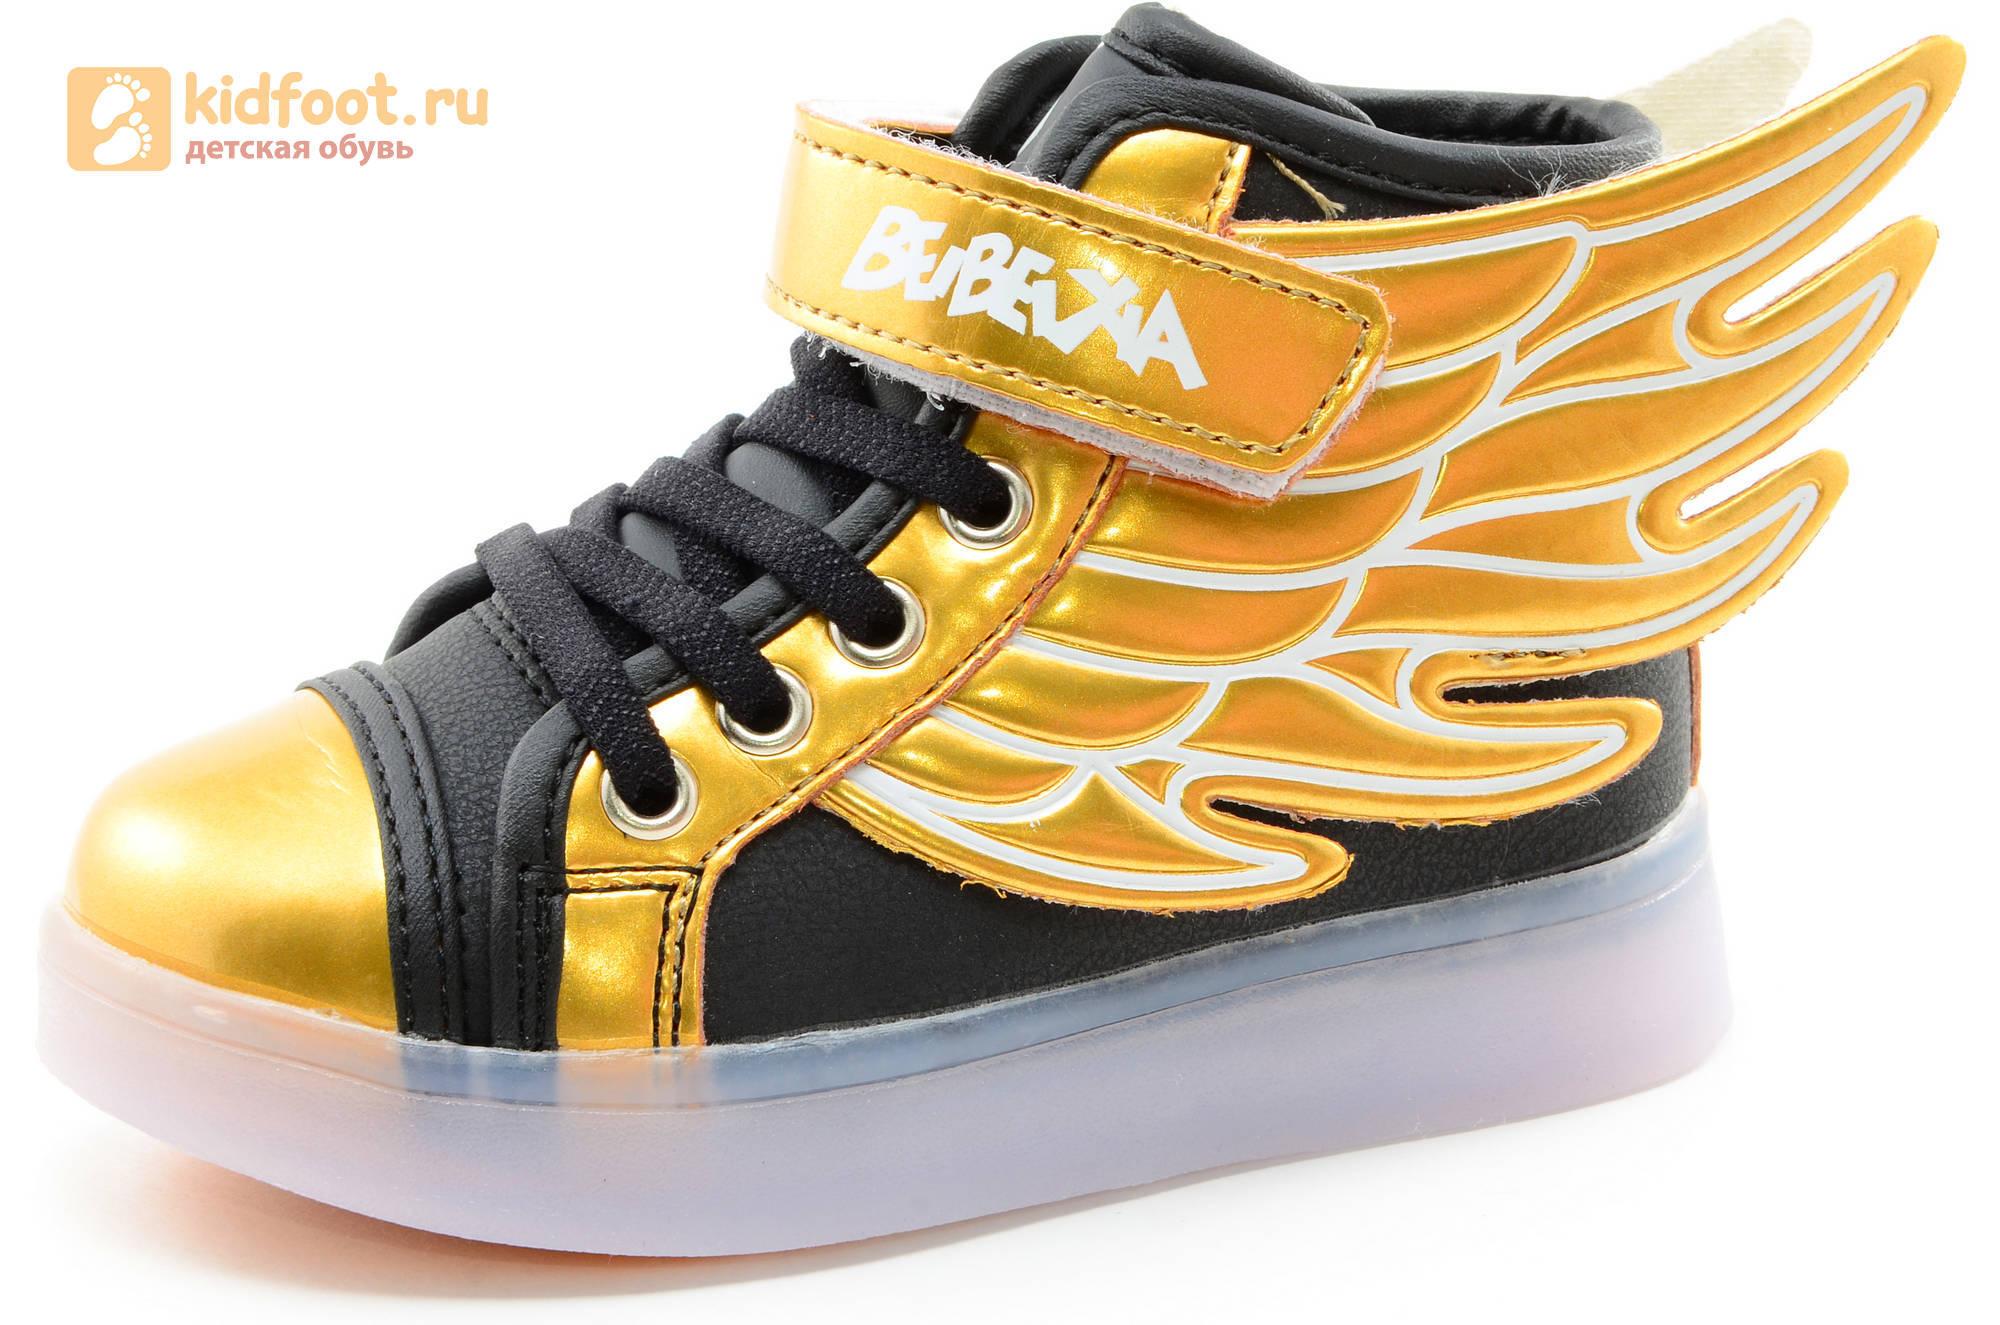 fae77163 Светящиеся кроссовки с крыльями с USB зарядкой Бебексия (BEIBEIXIA), цвет  черный золотой, ...